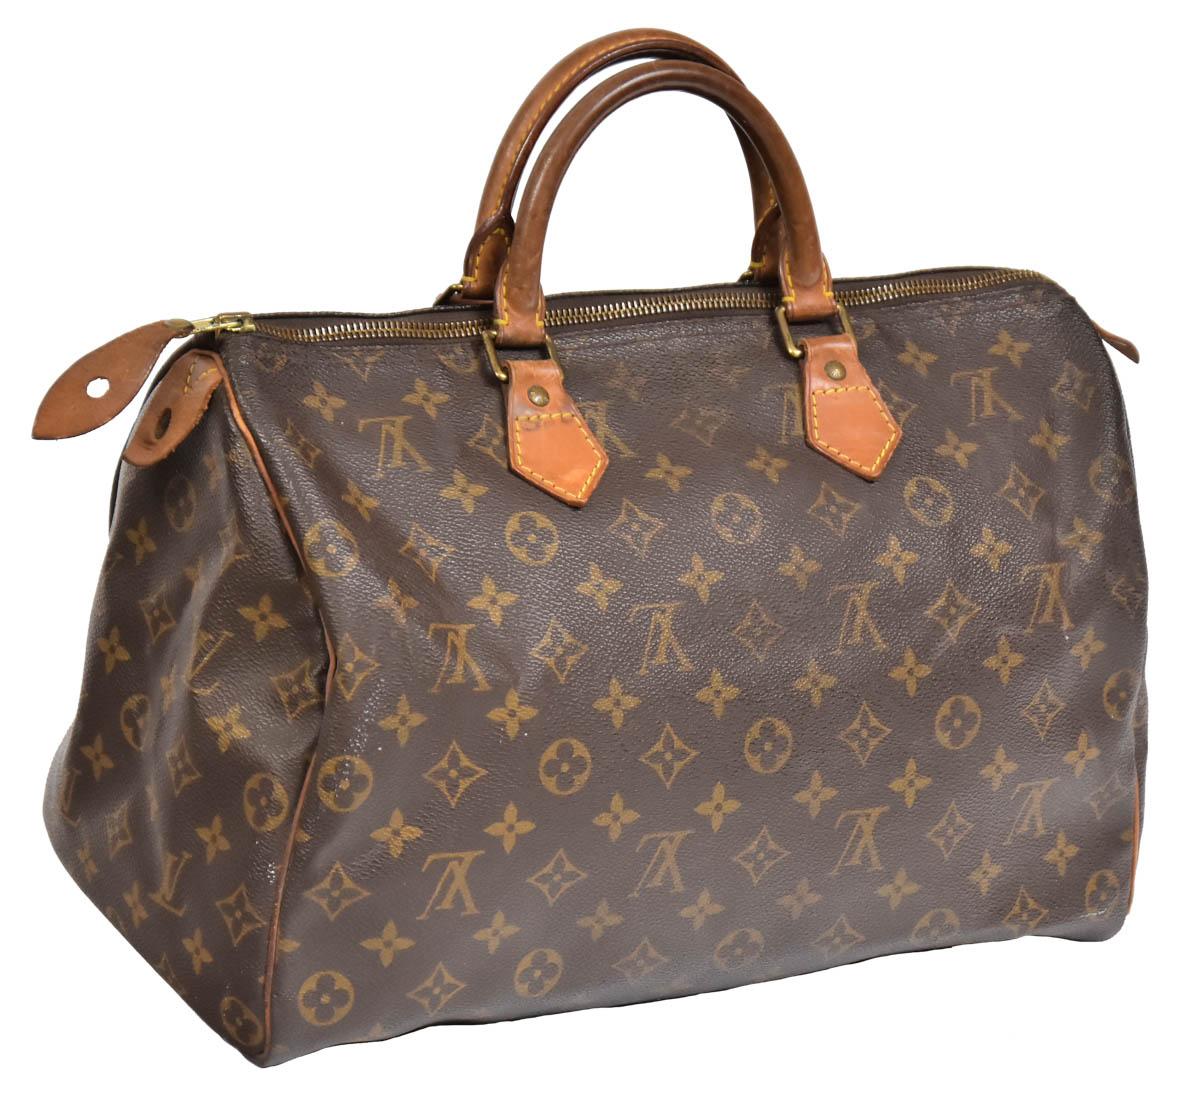 50c8d2f9d LOUIS VUITTON - FRANÇA. Bolsa feminina de mão no padrão